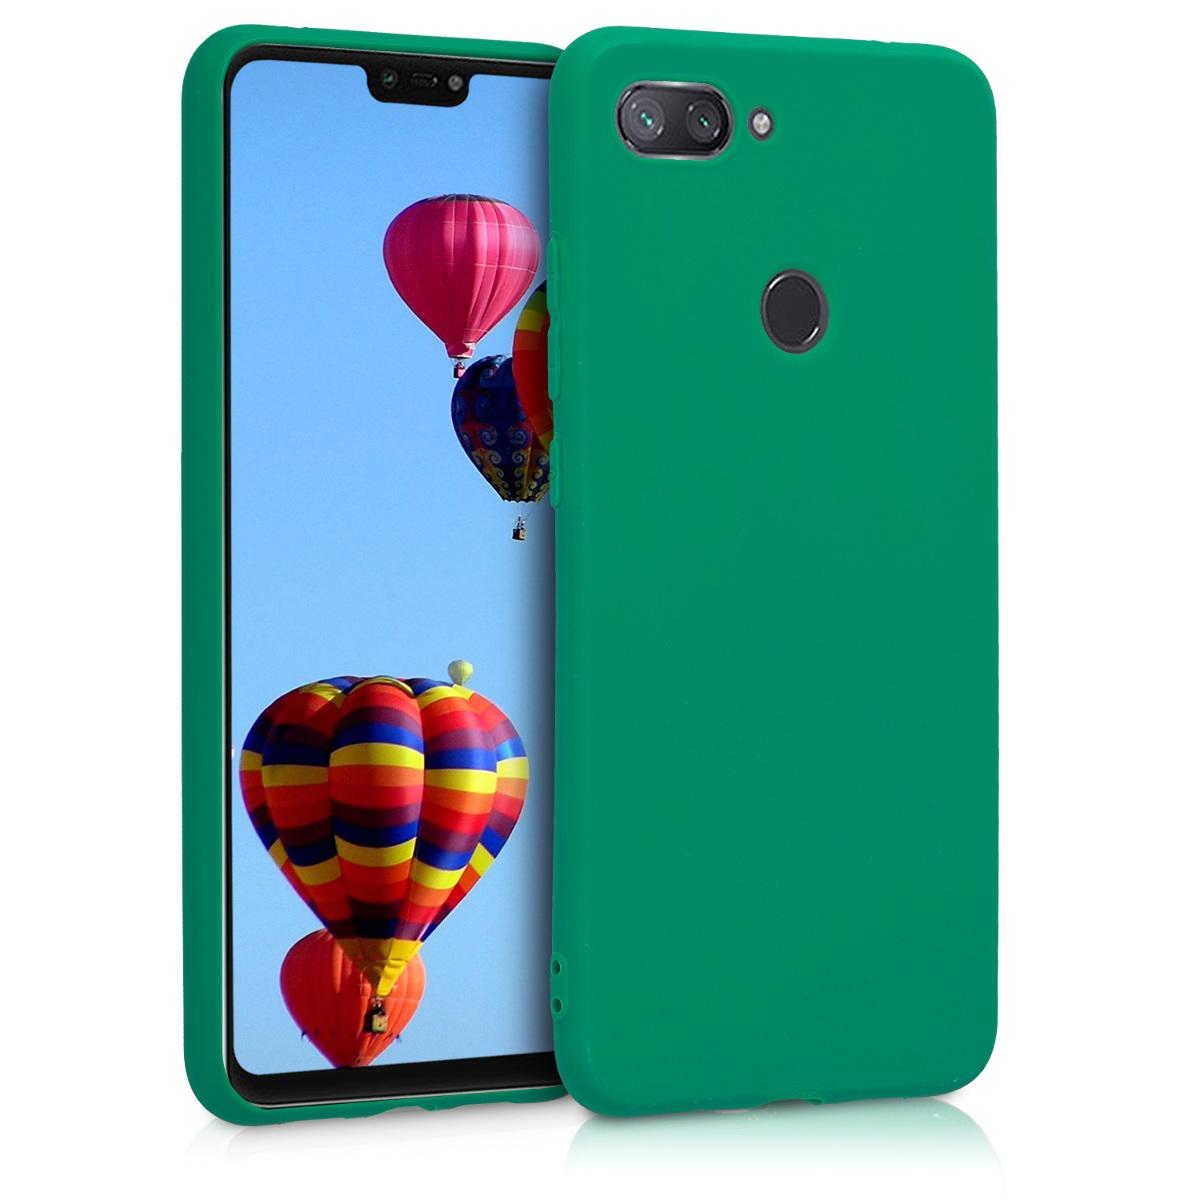 KW Θήκη Σιλικόνης Xiaomi Mi 8 Lite - Emerald Green (46451.142)